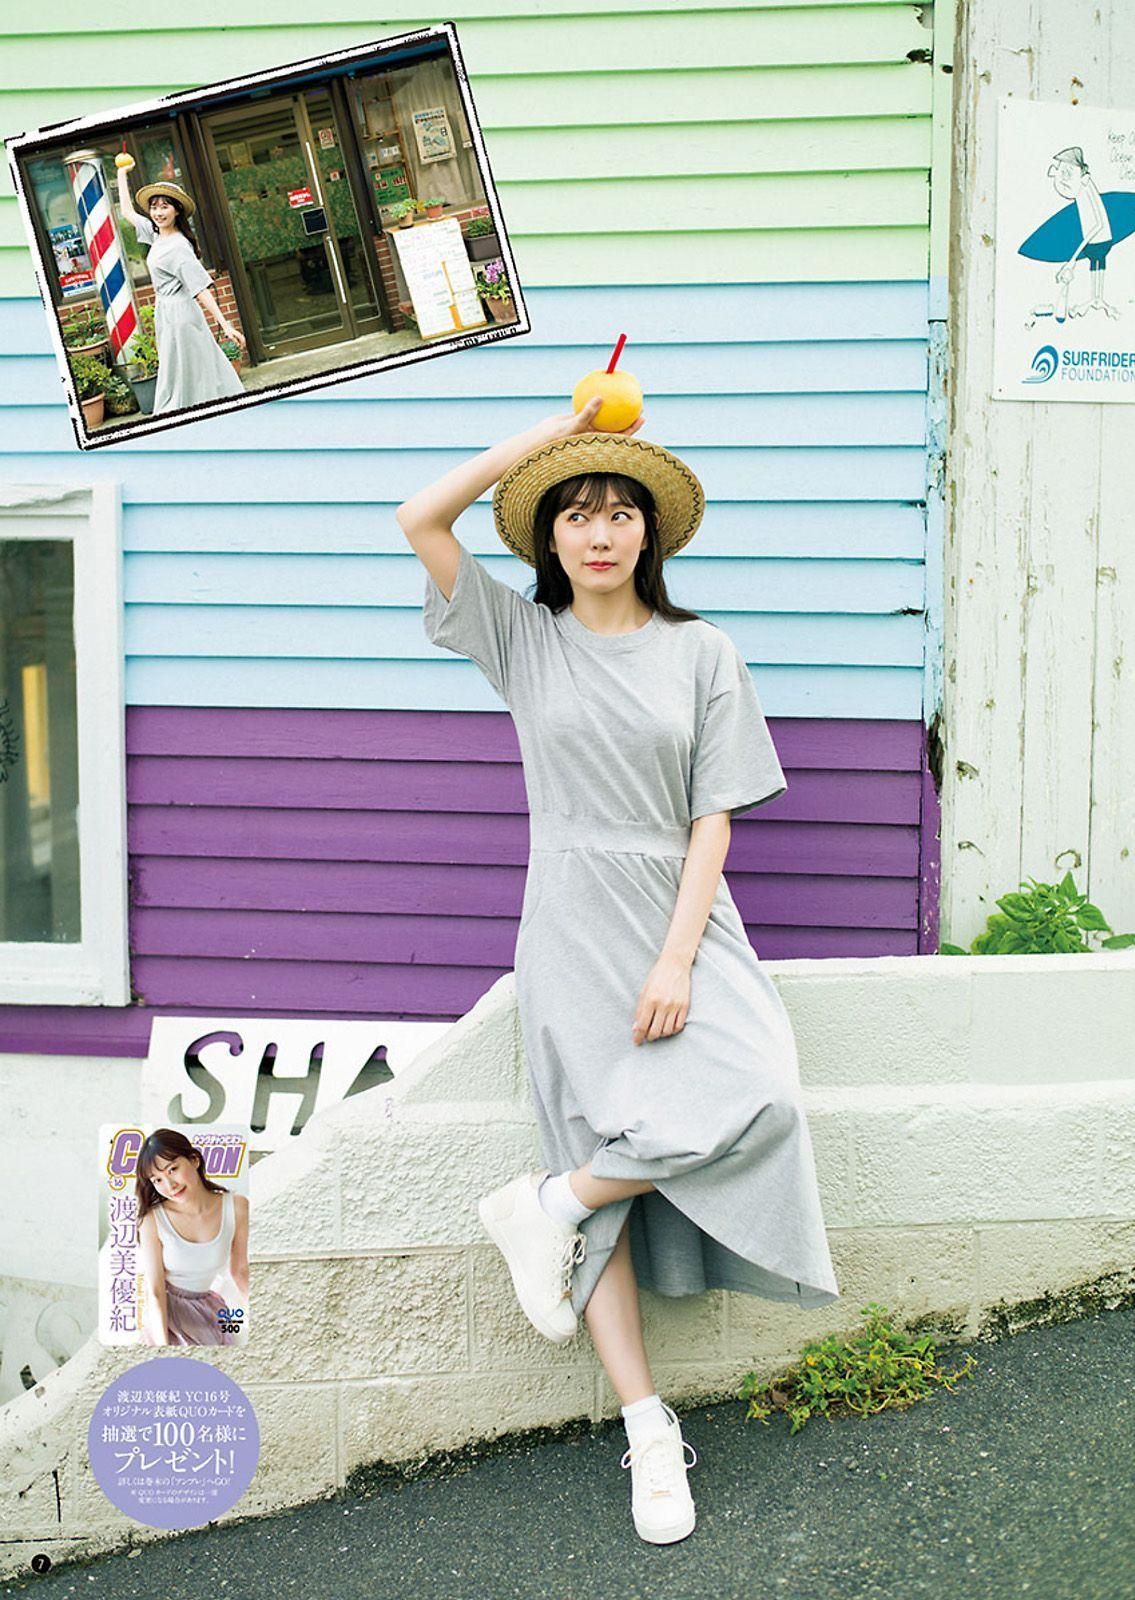 樱木美凉Young Champion写真杂志限定角度的胸拍 美女写真 热图7